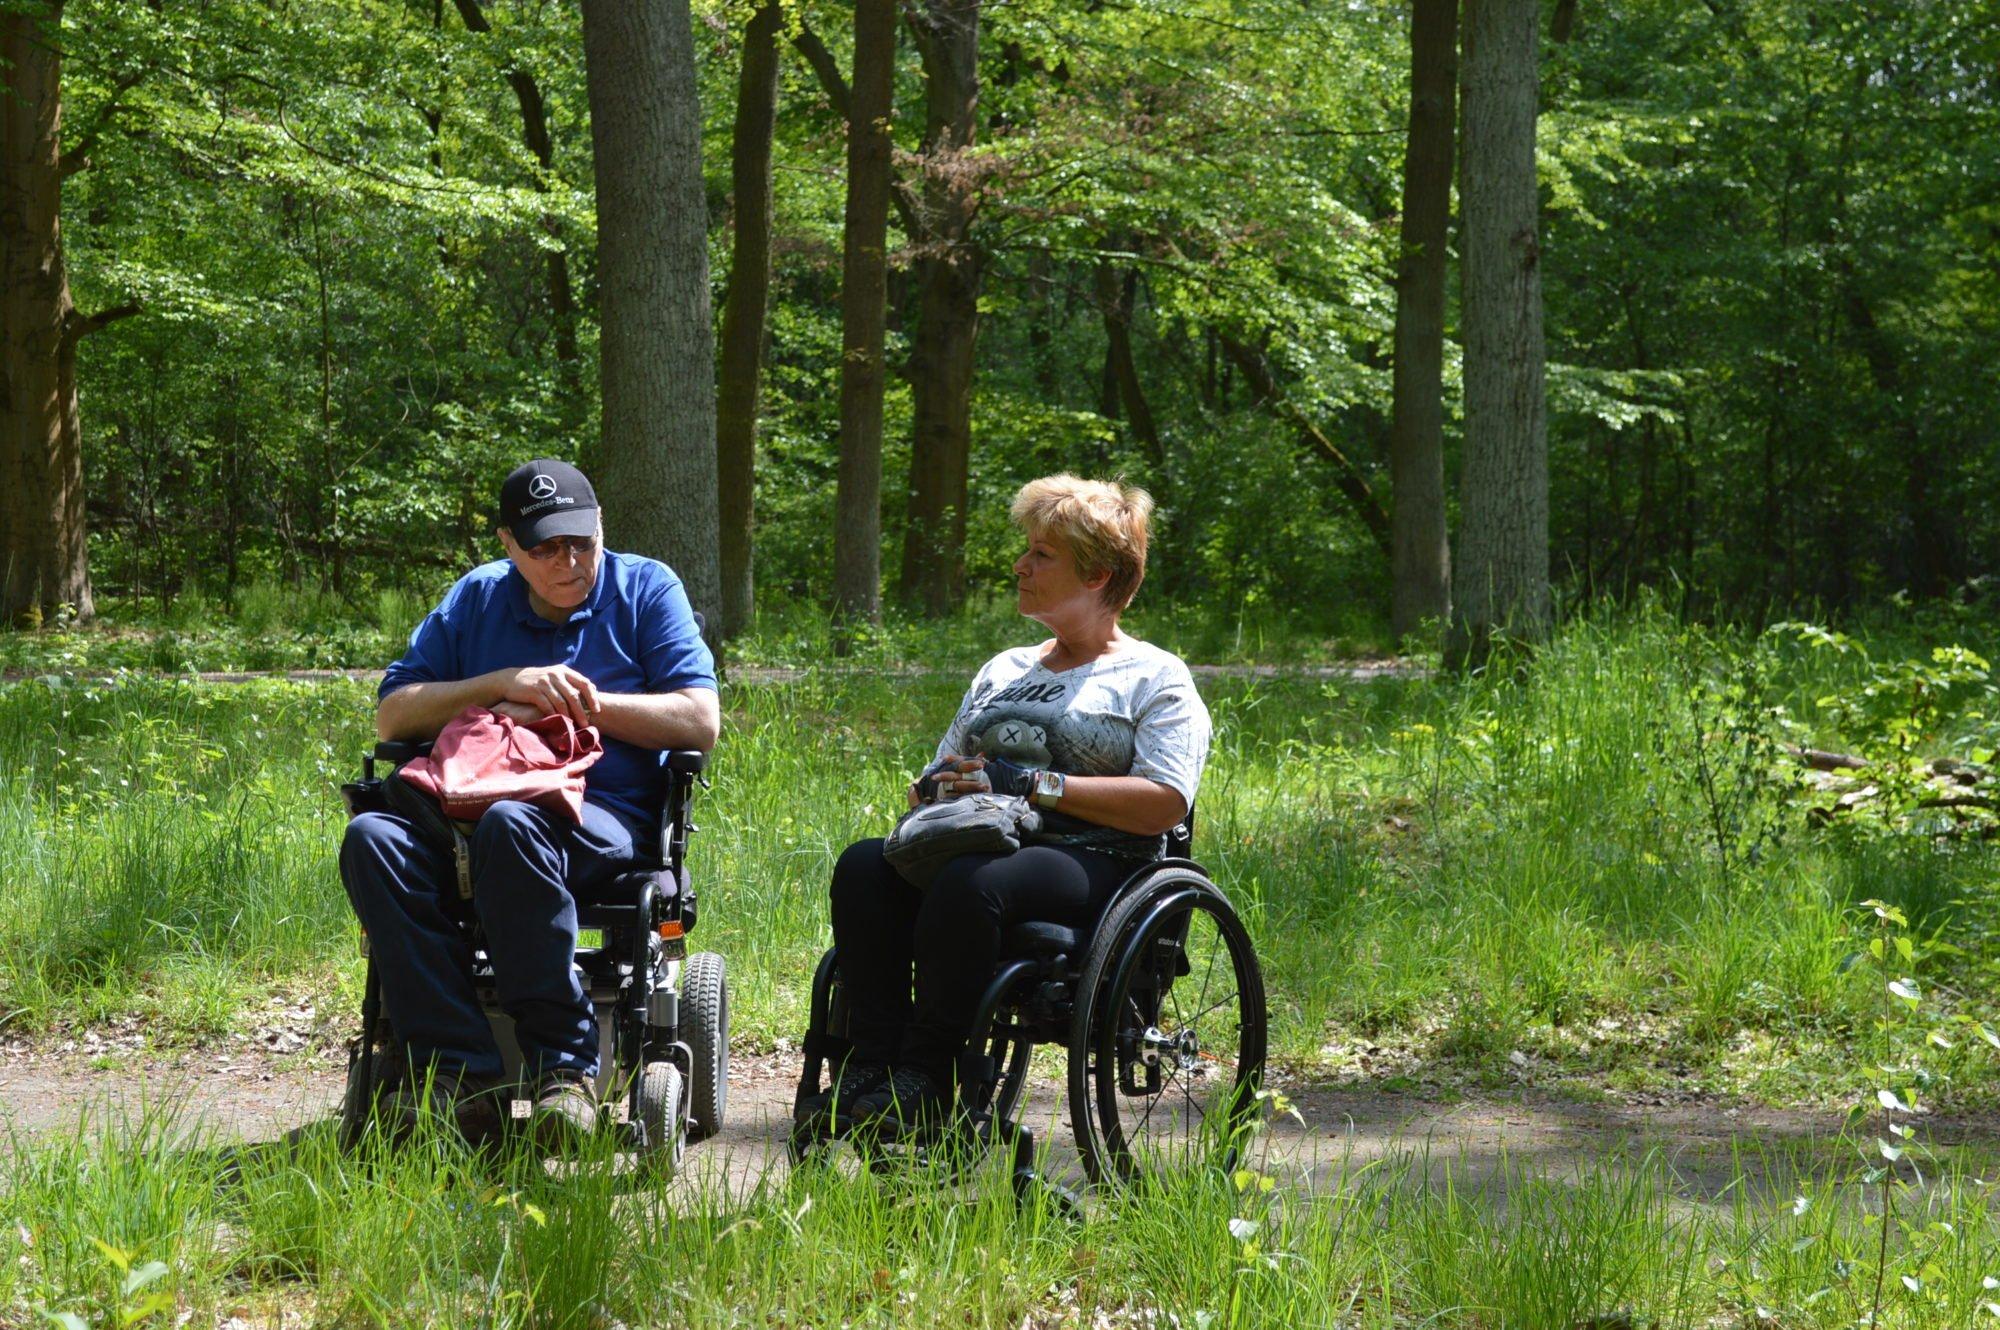 Ein Rollstuhlfahrer und eine Rollstuhlfahrerin stehen auf einem Weg im Wald. Um sie und den Weg herum stehen überall Bäume, Gras und Pflanzen.